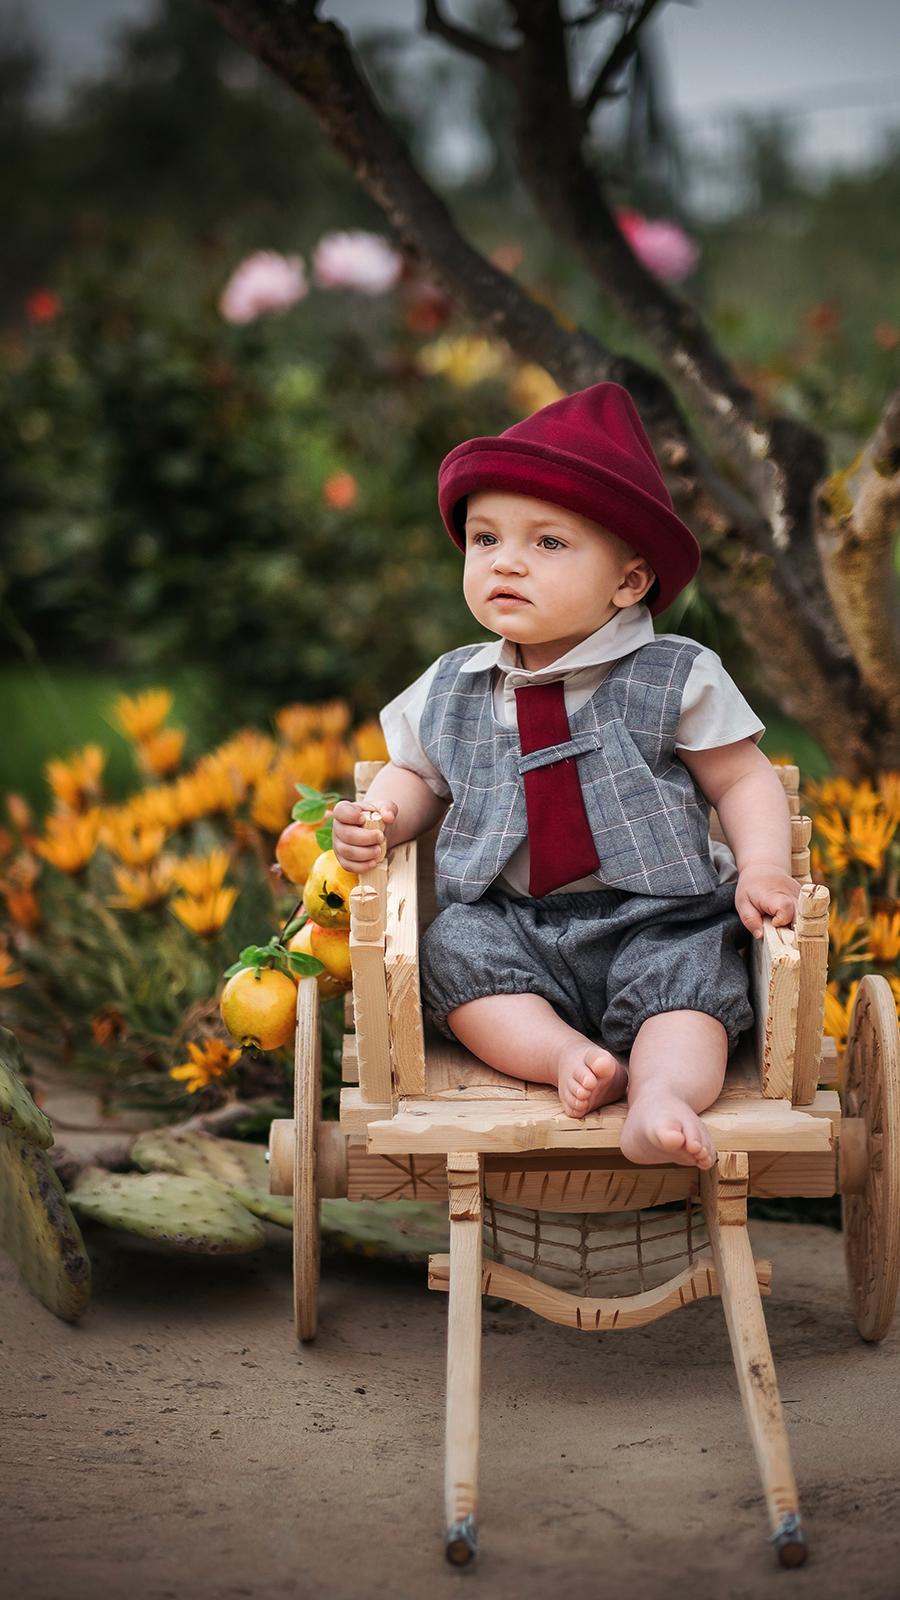 foto bambino sulla sedia